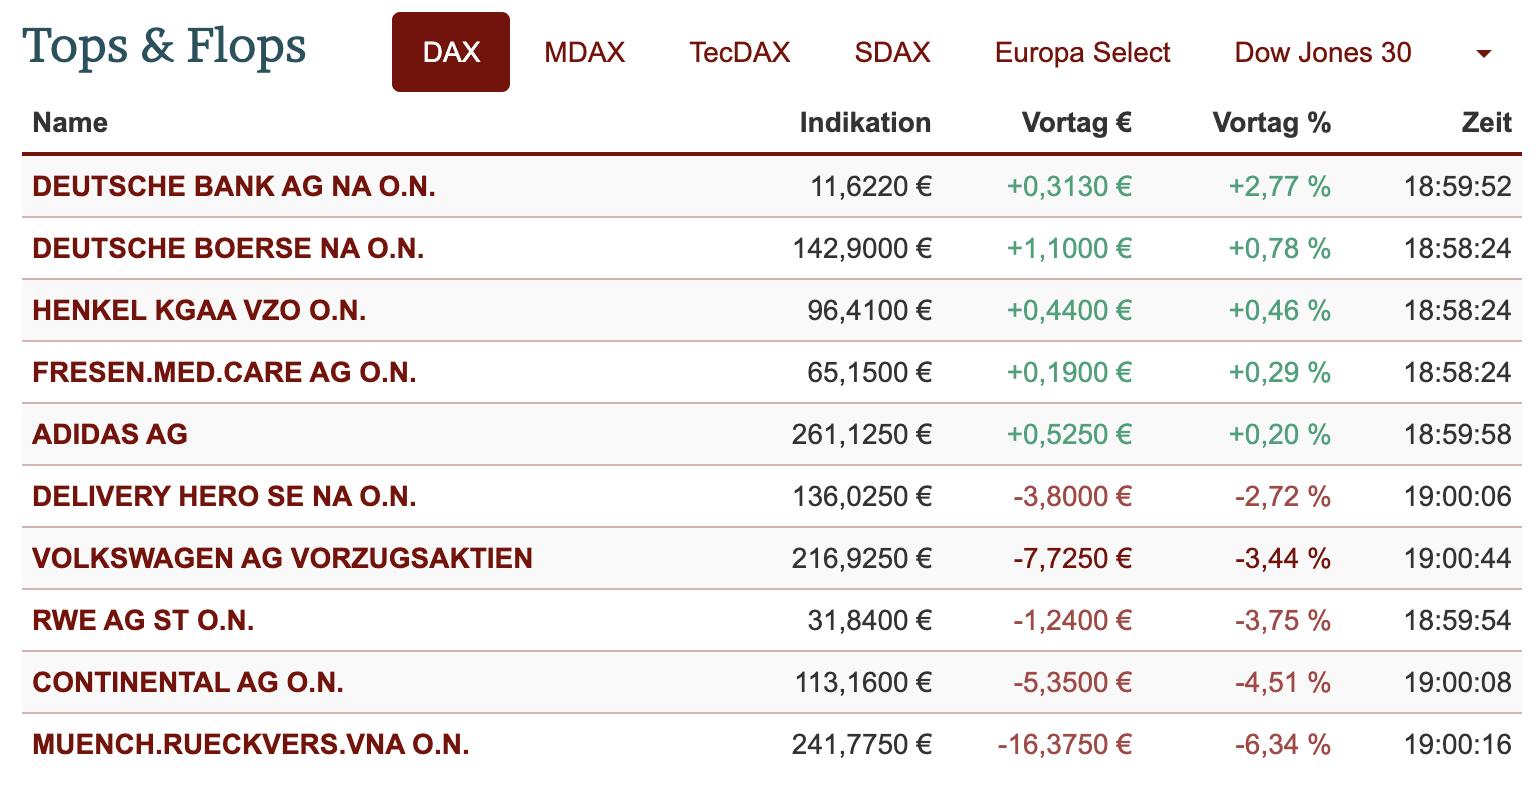 Tops und Flops im DAX am 29.04.2021